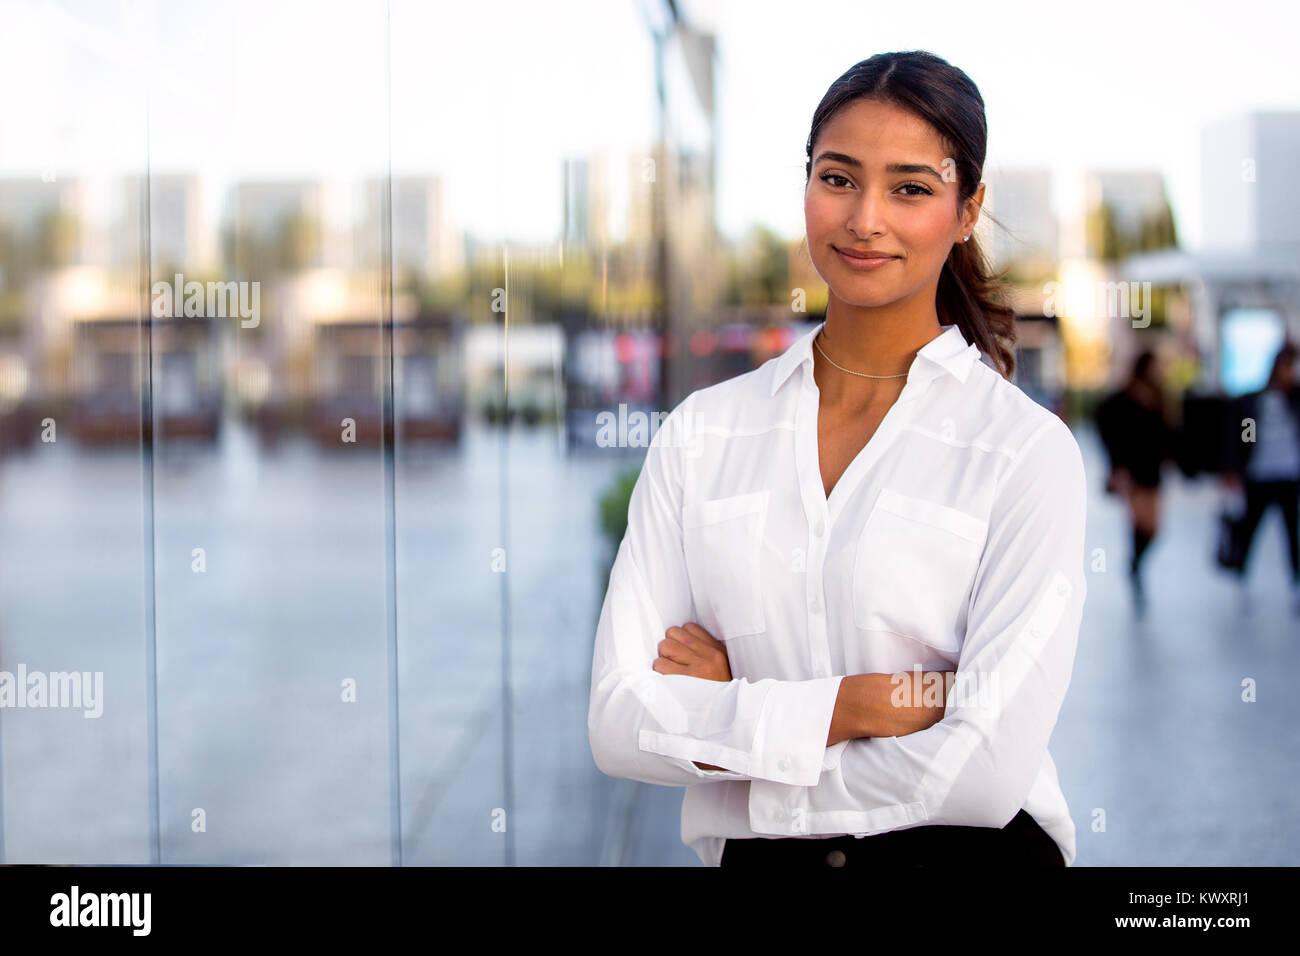 Bellissima femmina corporate executive moderno business woman standing bracci ripiegati al di fuori del lavoro a Foto Stock